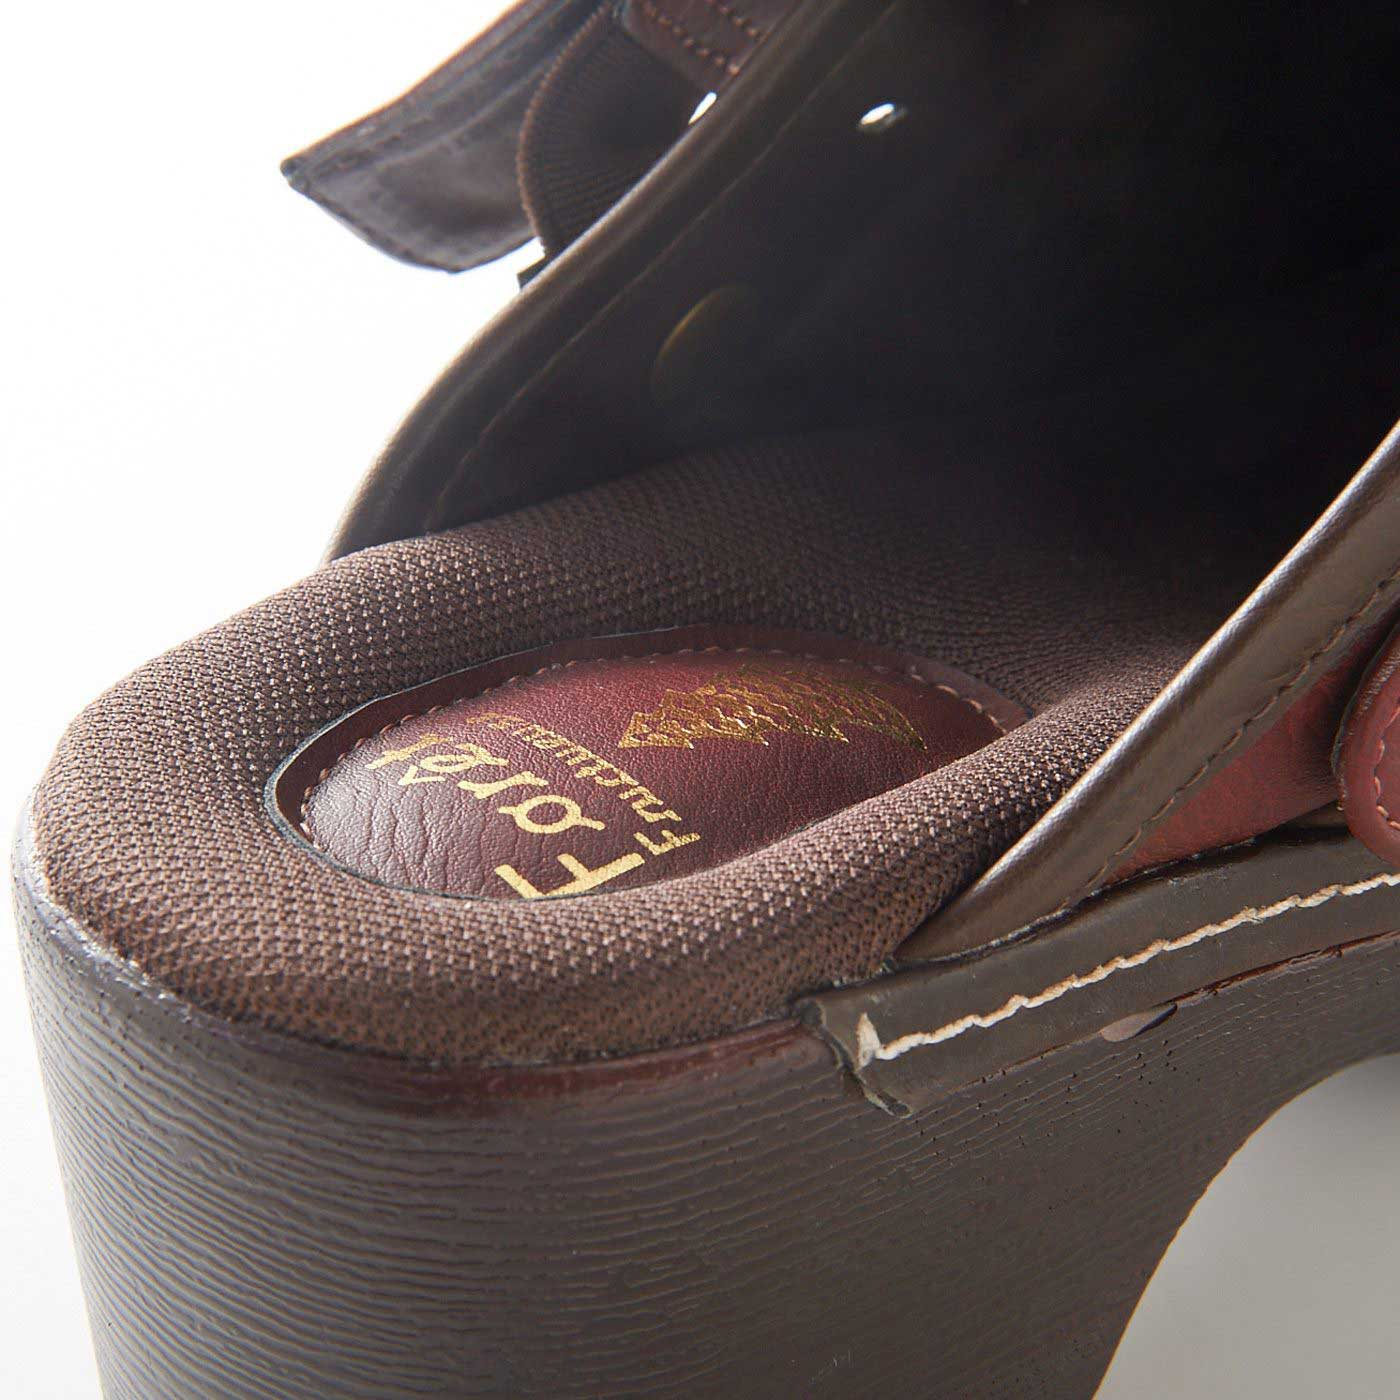 足を包むように、中敷き部分はふんわりメッシュ素材。裸足でもさらりと快適。